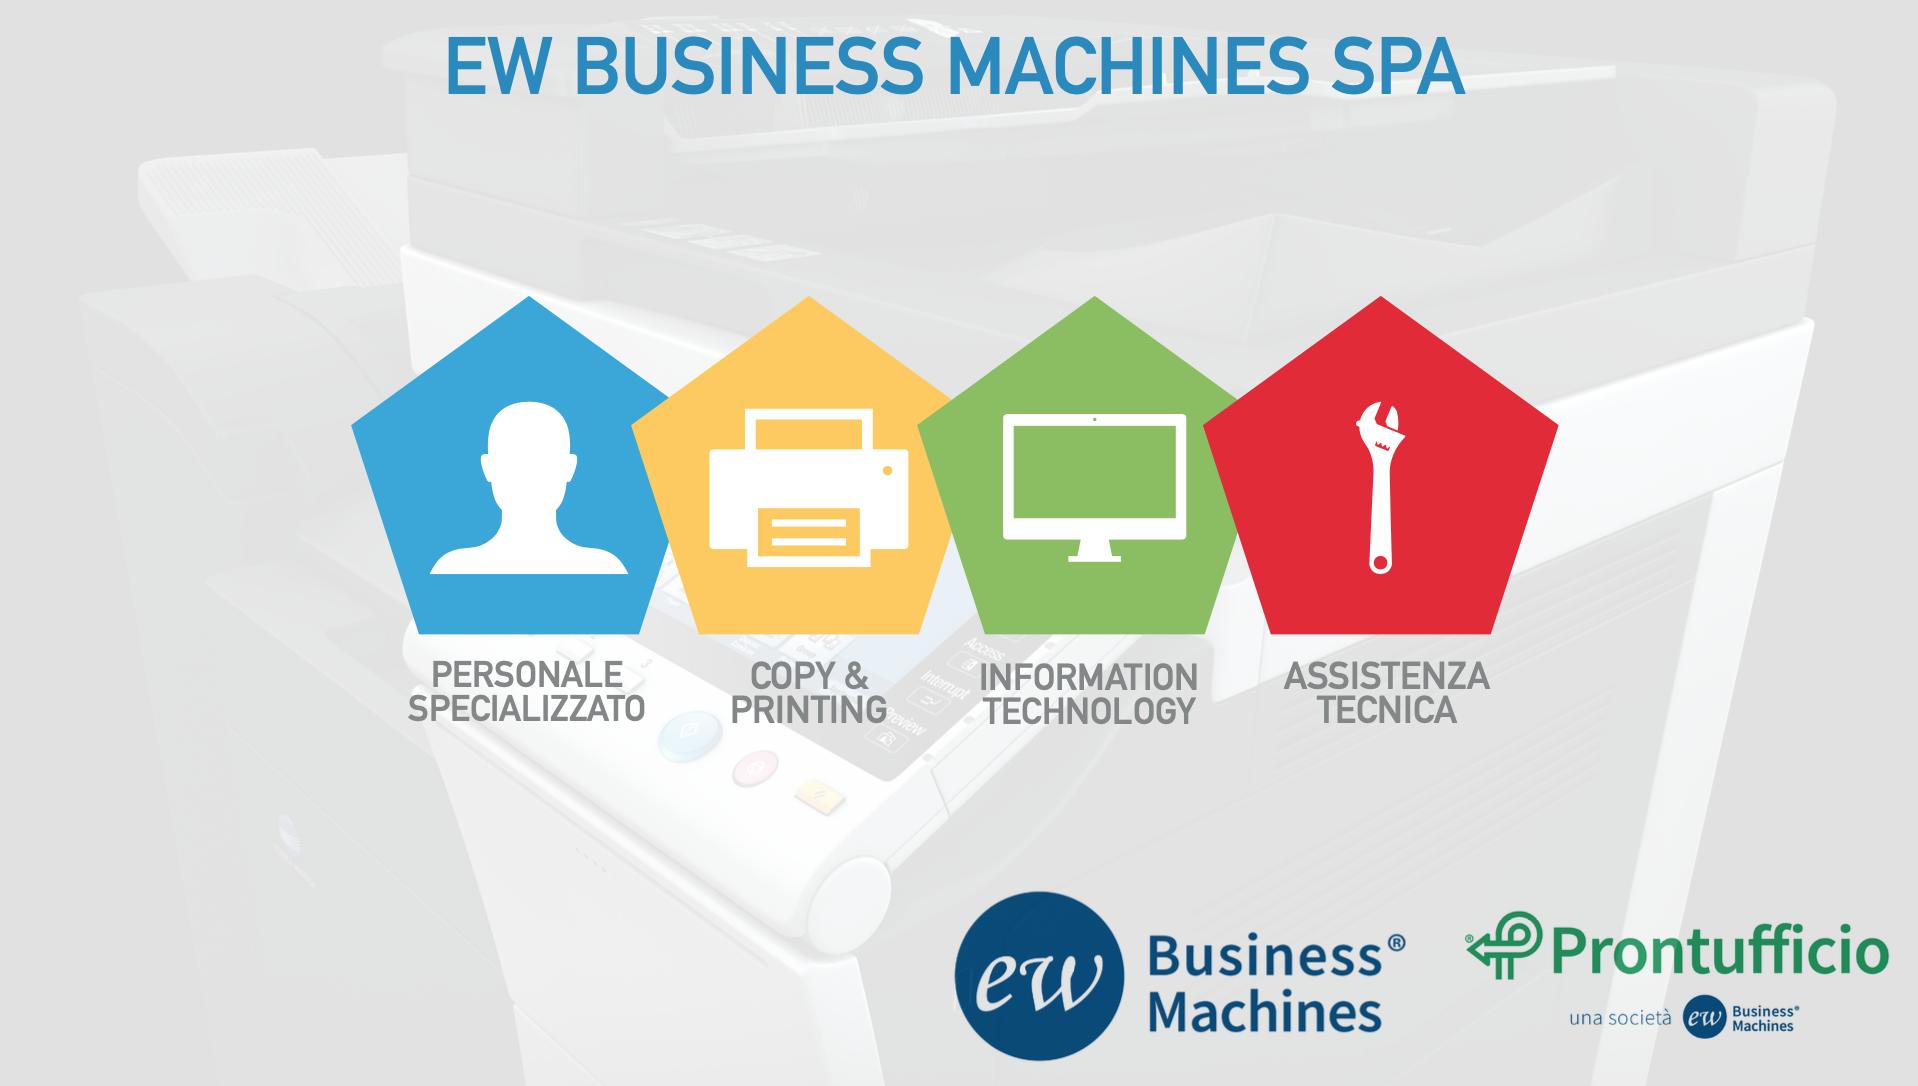 ew business machines spa noleggio vendita e assistenza fotocopiatrici milano